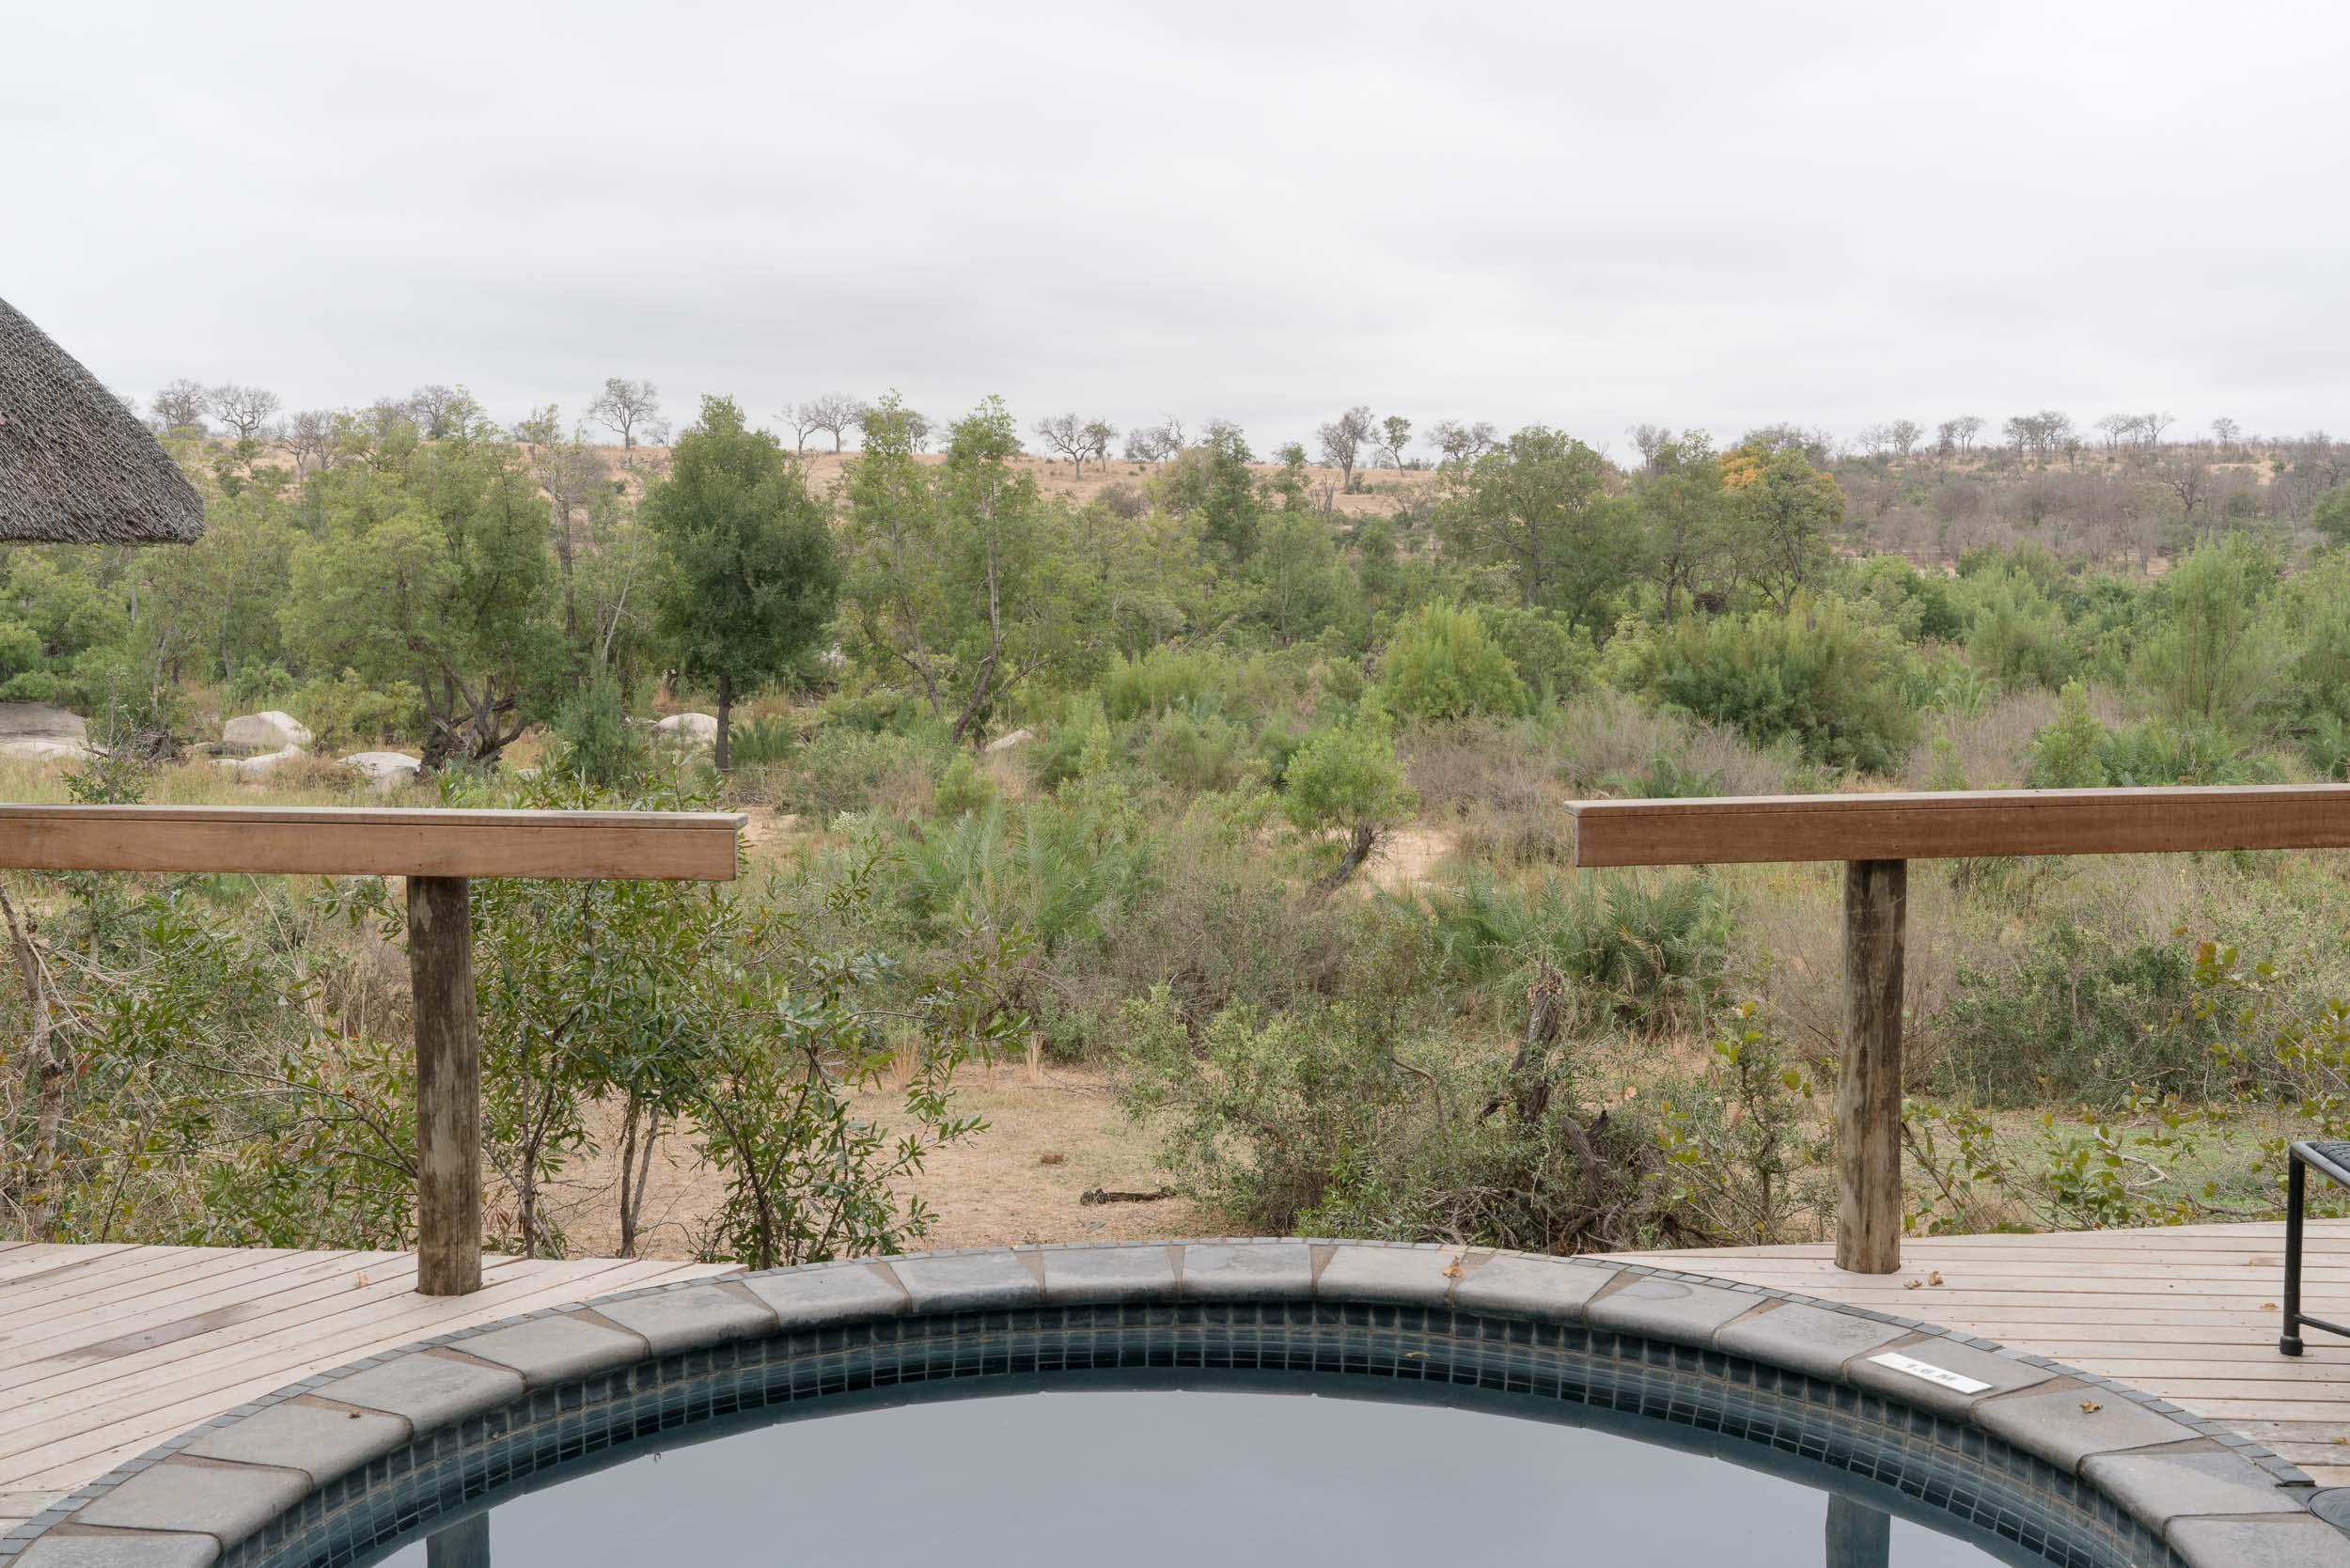 the_getaway_edit_south_africa_safari_londolozi_game_reserve-2.jpg